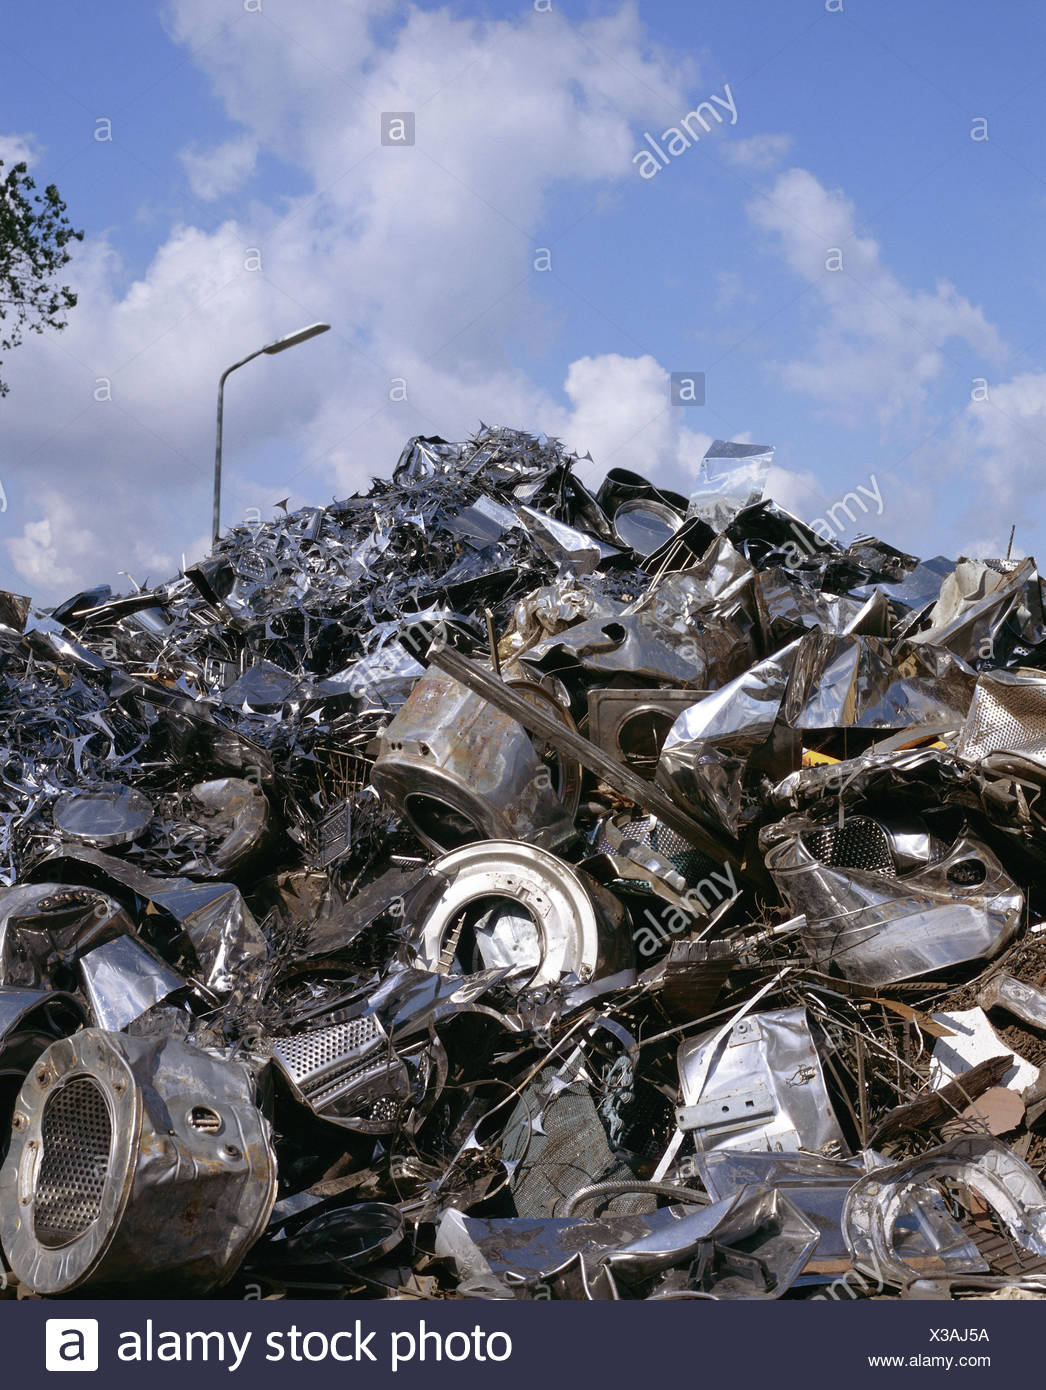 Scrap Iron Stock Photos & Scrap Iron Stock Images - Alamy